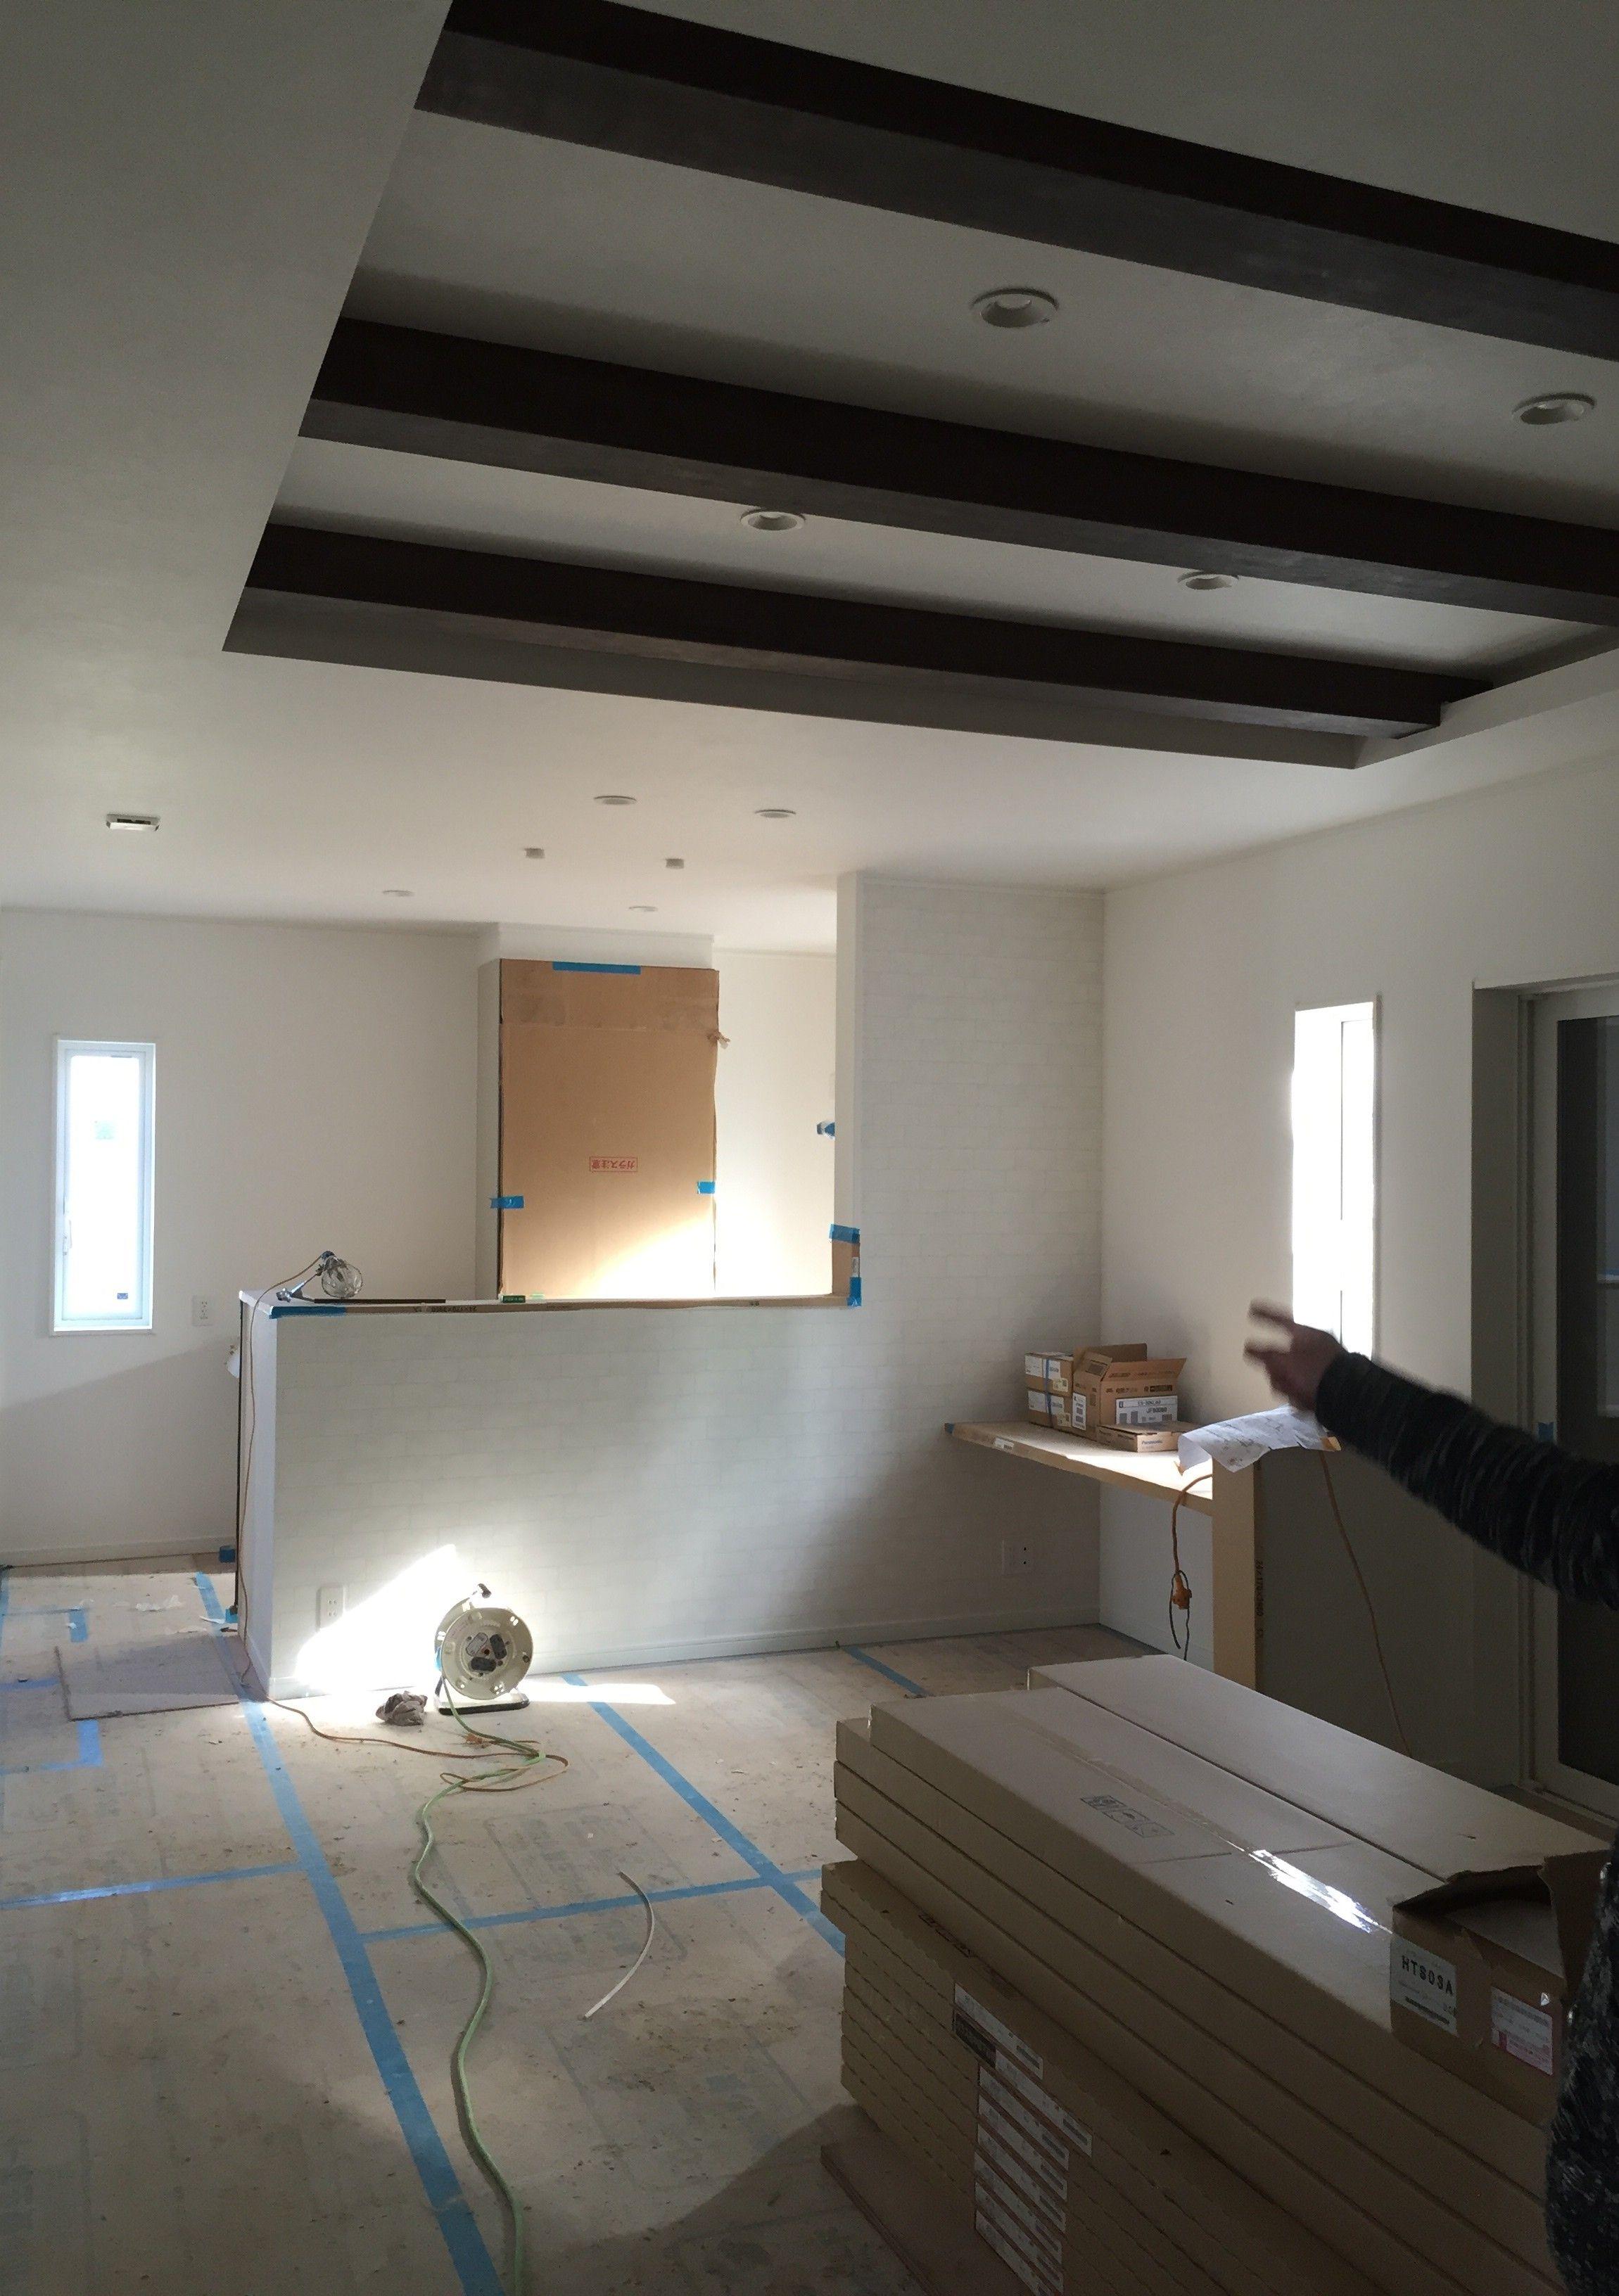 吹き抜けをやめて 折り上げ天井と見せ梁にしました リビング 天井